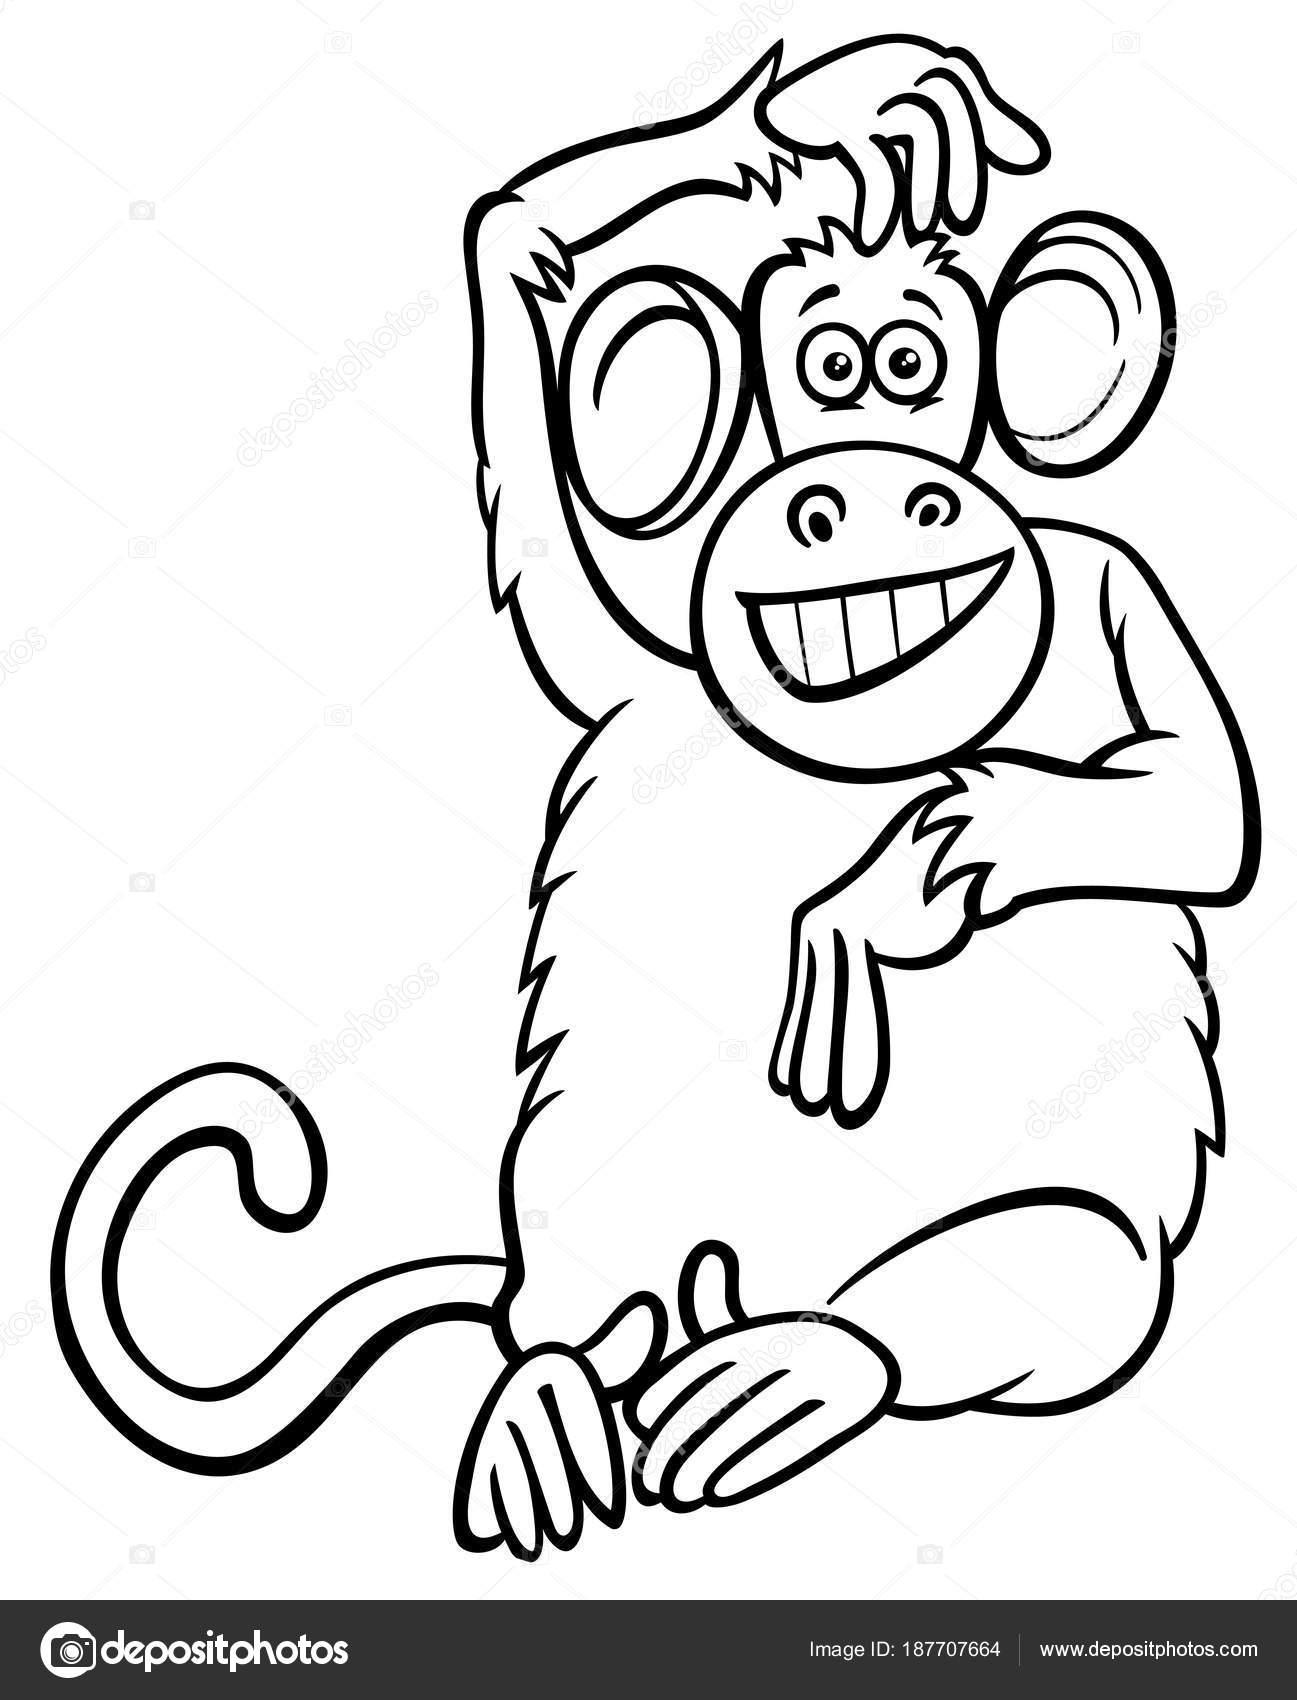 dibujos animados de carácter mono divertido libro para colorear ...